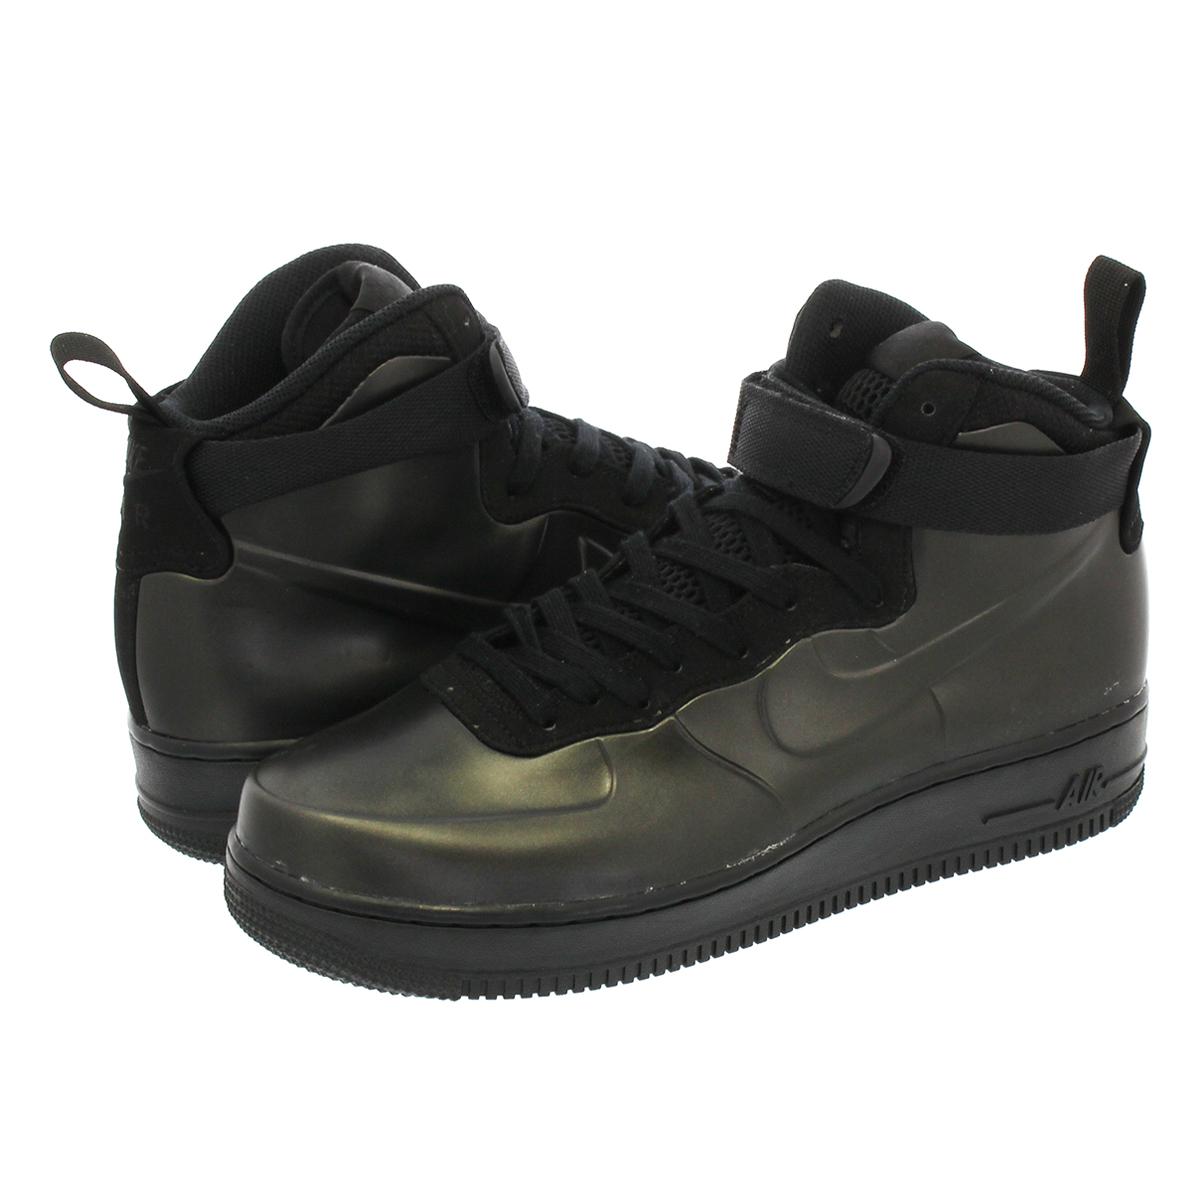 buy popular ec748 28c69 NIKE AIR FORCE 1 FOAMPOSITE CUP Nike air force 1 フォームポジットカップ  BLACK/BLACK/BLACK ah6771-001